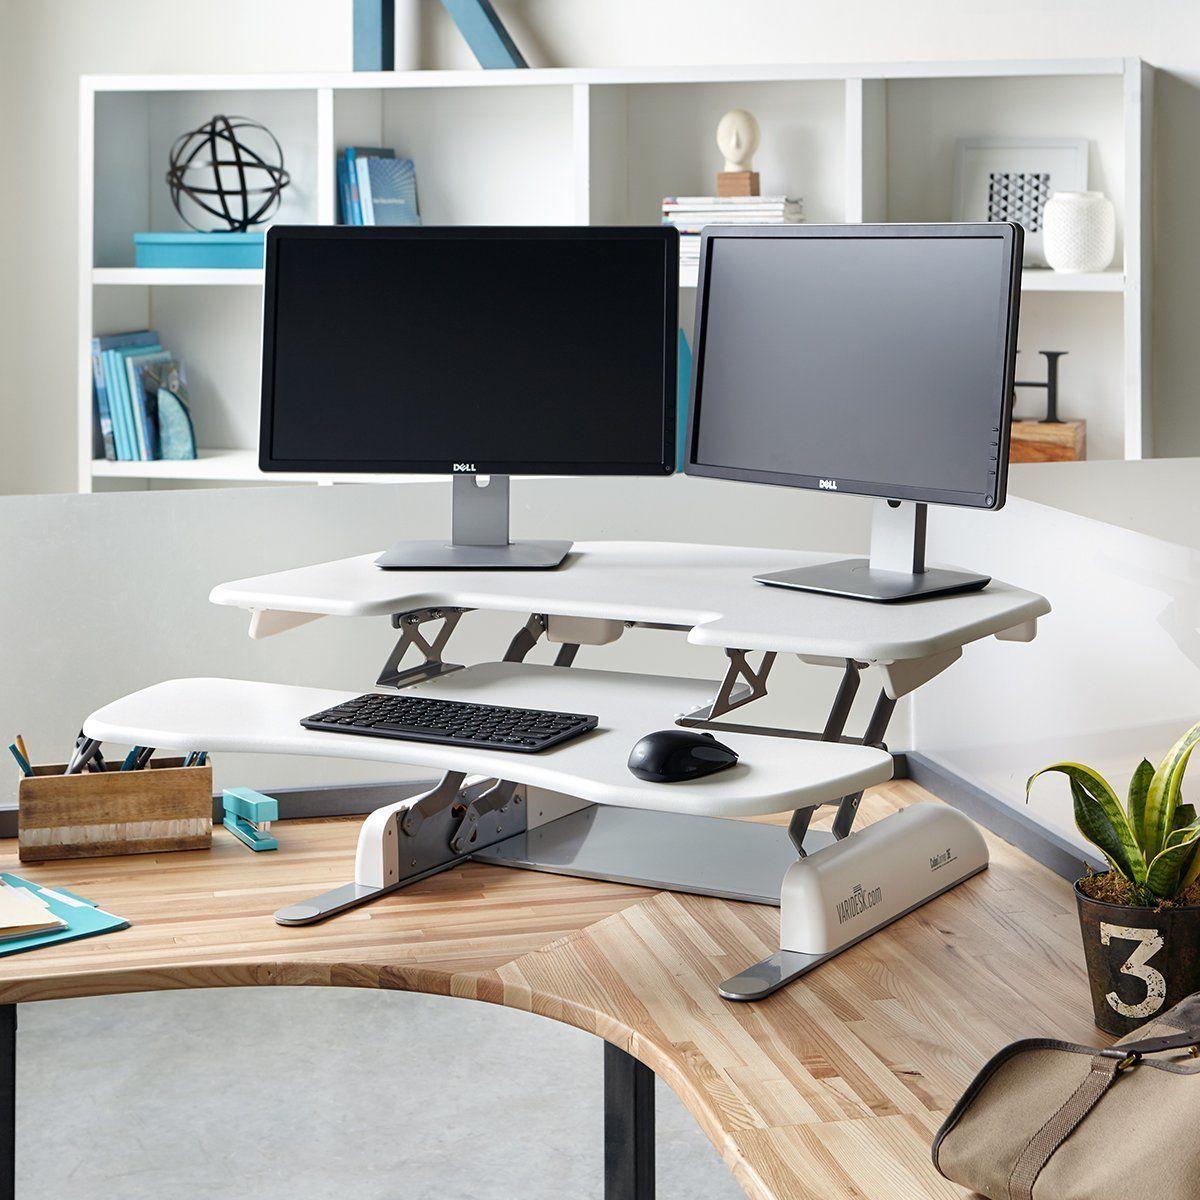 Height Adjustable Standing Desks Varidesk Sit To Stand Desks Standing Desk Office Best Standing Desk Home